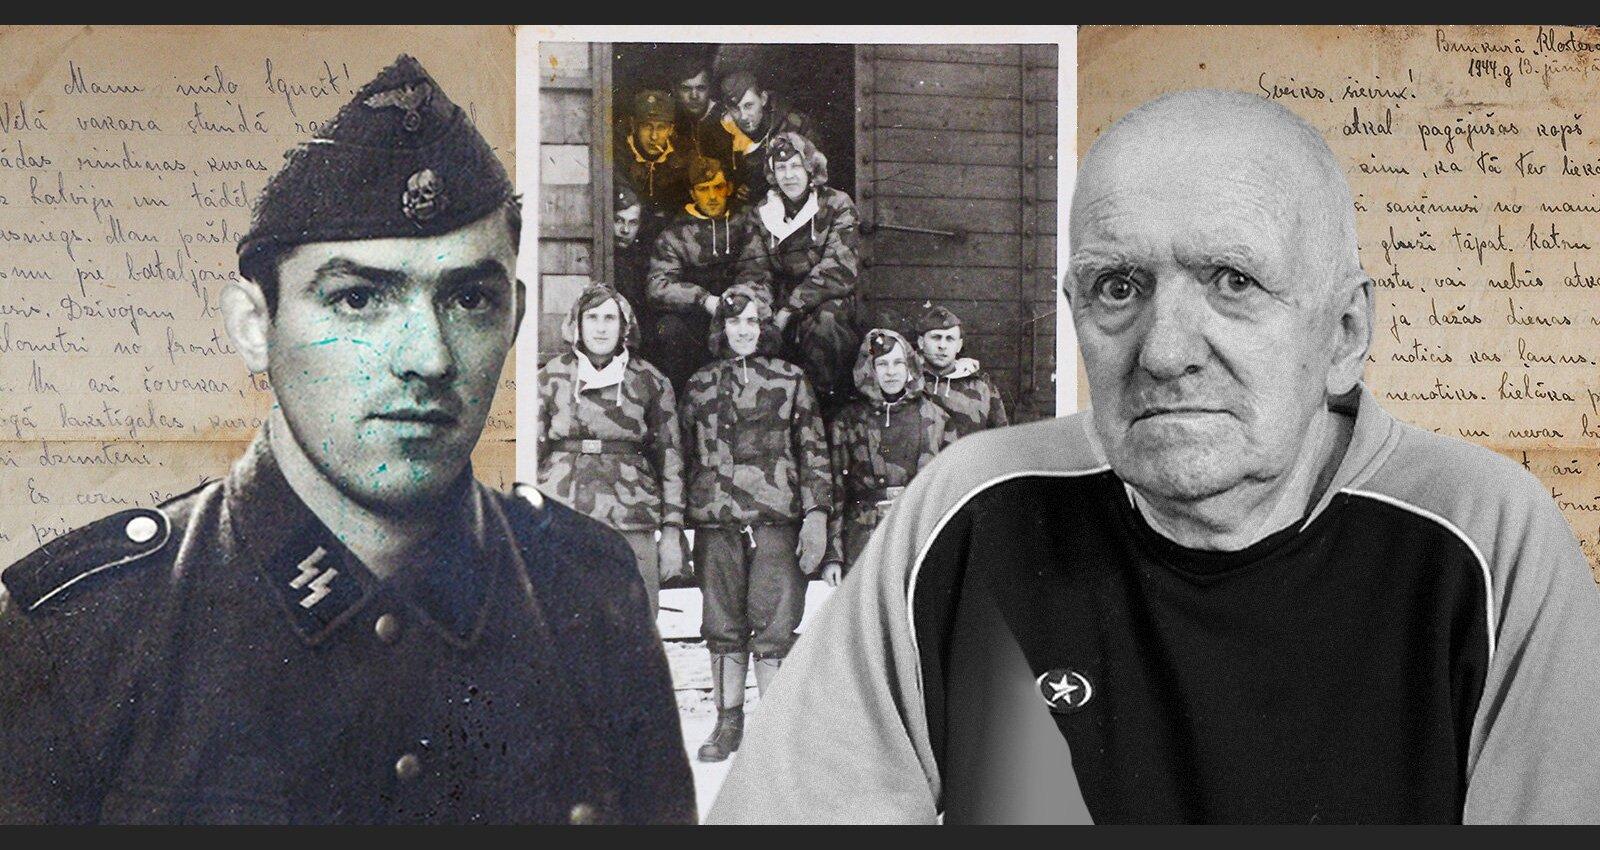 Dēls joprojām cenšas noskaidrot 2. pasaules karā pazudušā tēva likteni